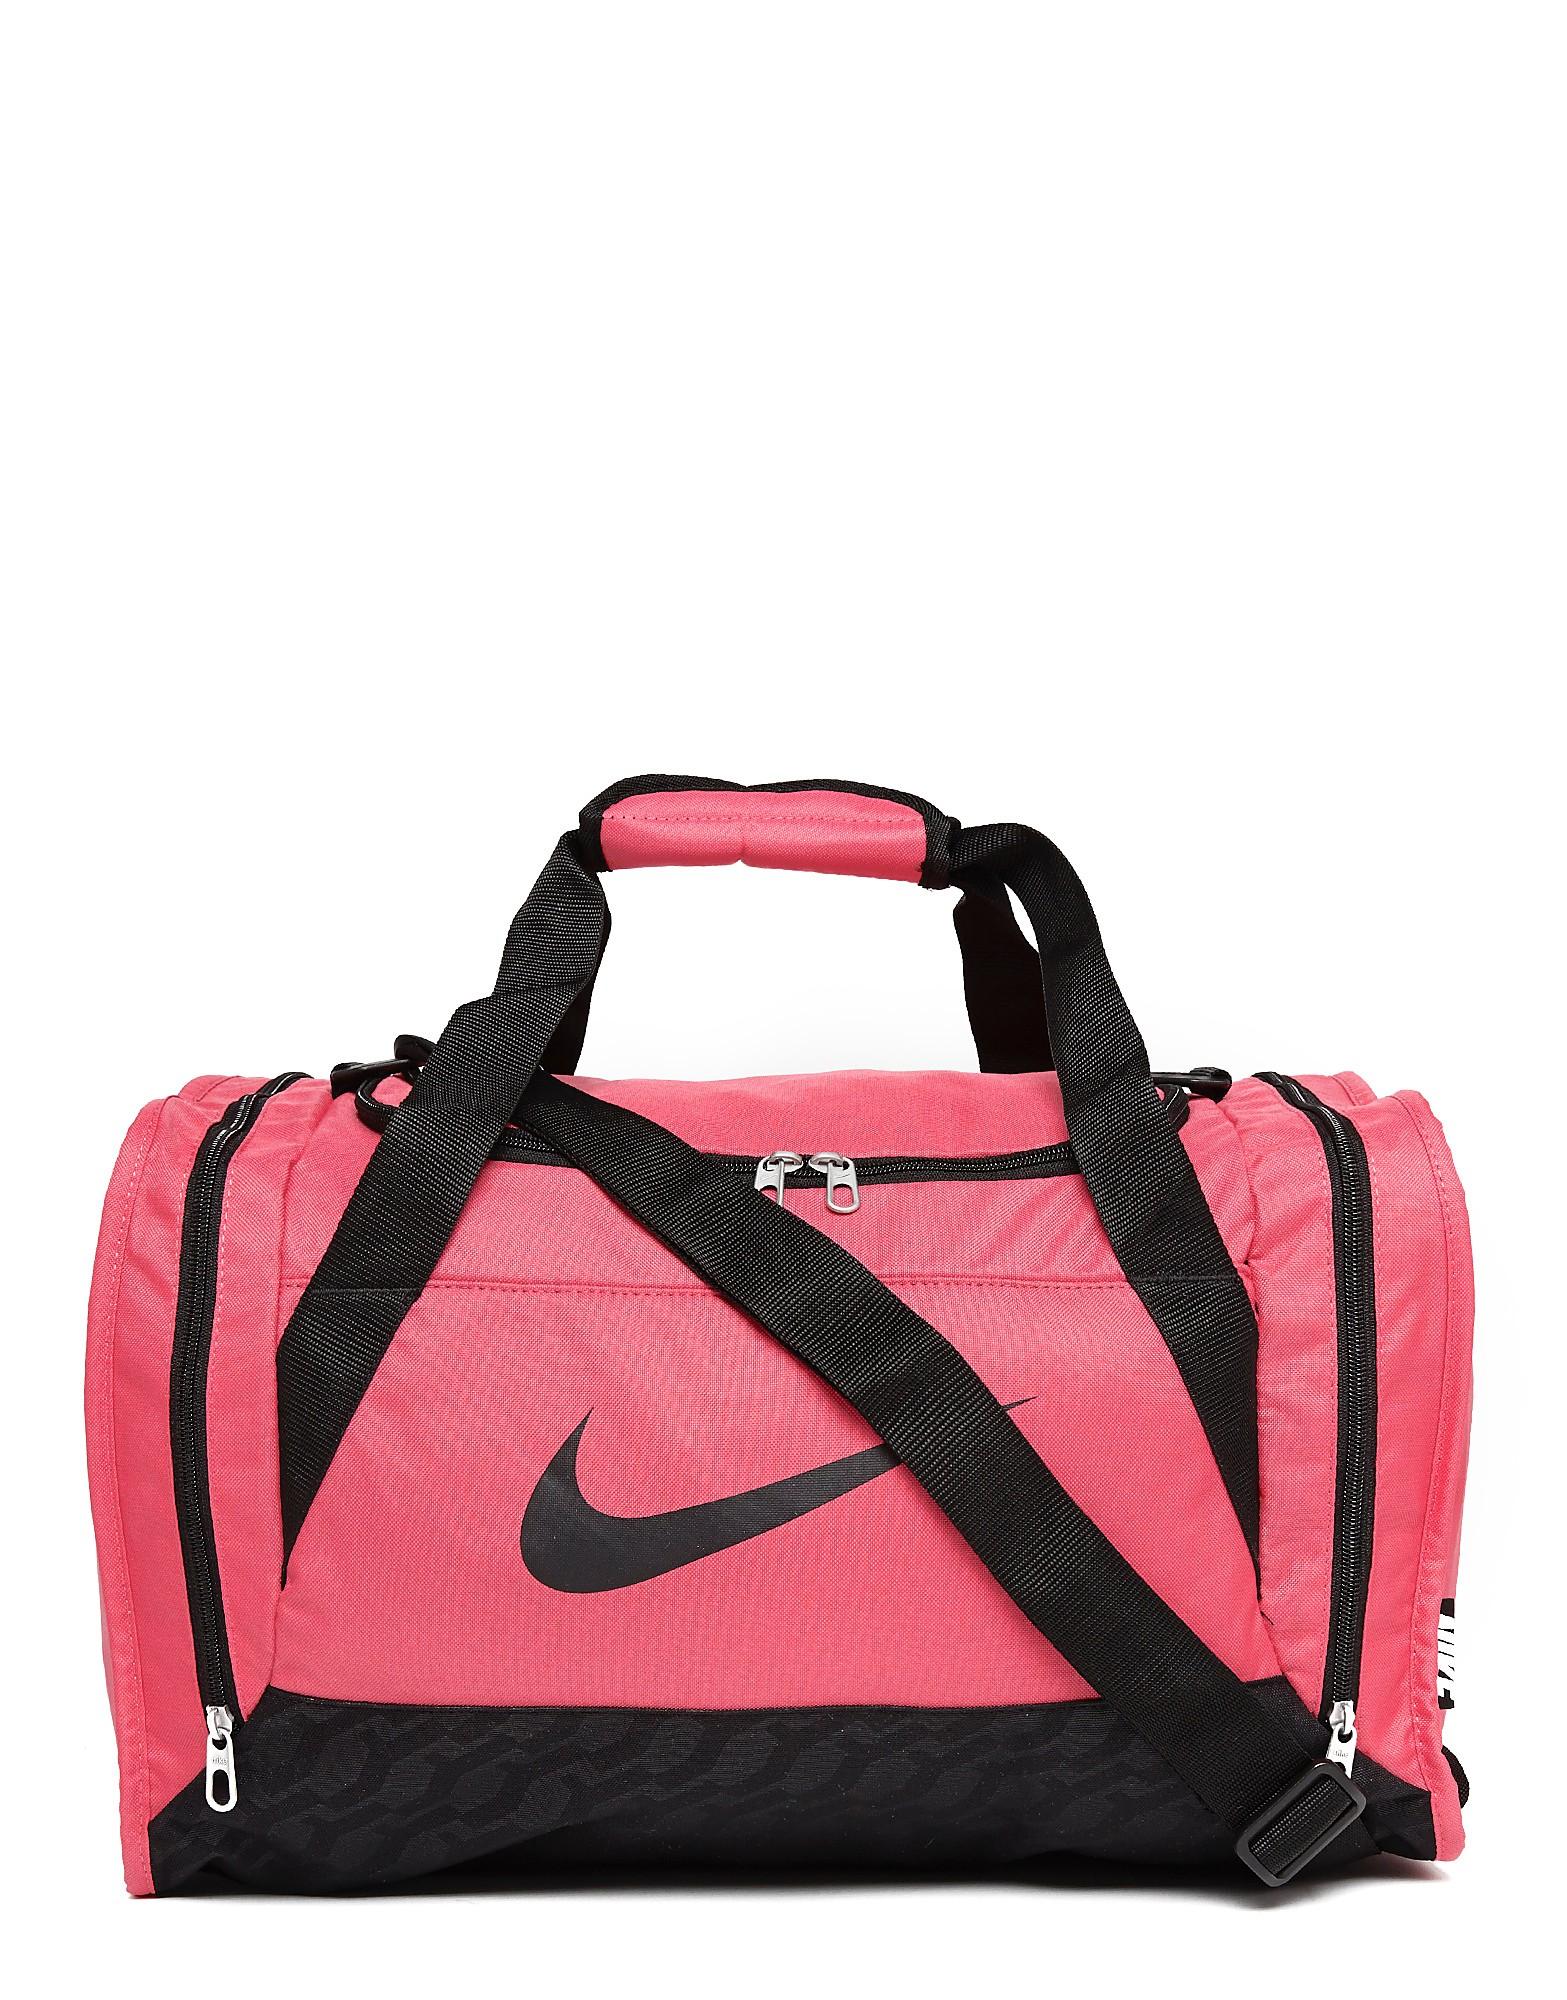 Nike Brasilia Small Duffle Bag - Pink - Mens, Pink